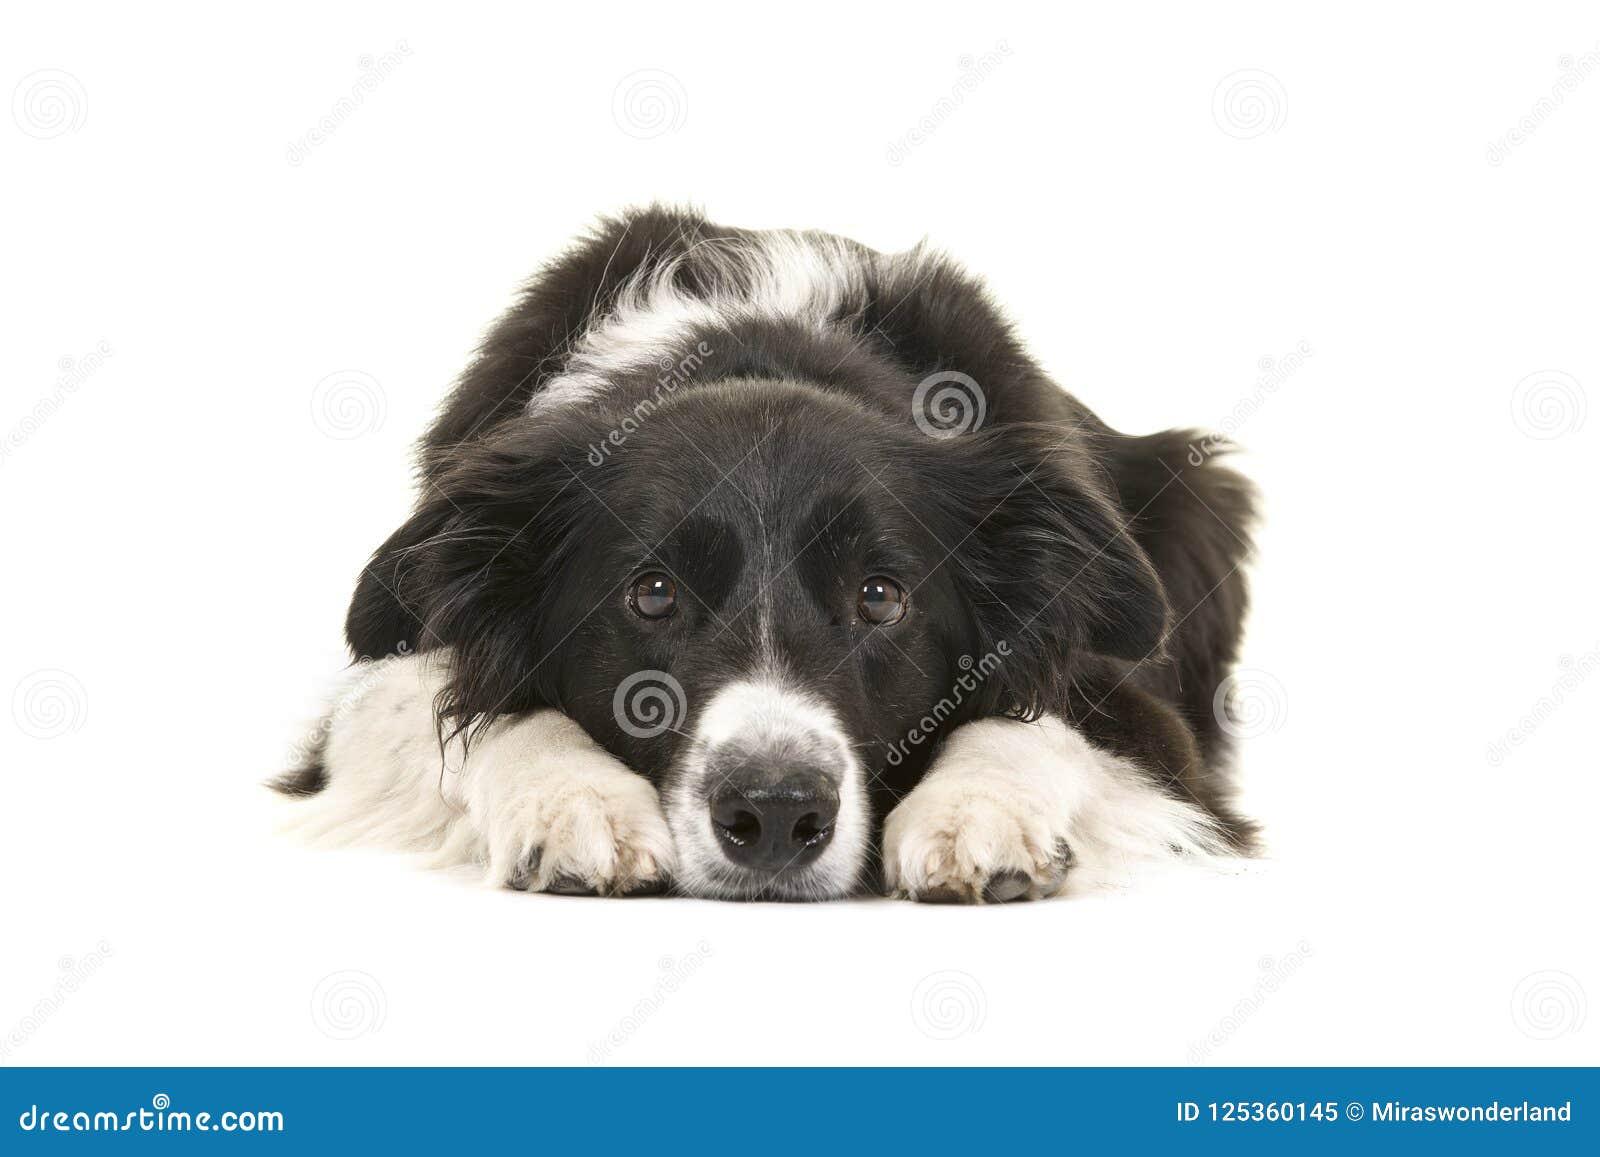 Border collie-Hund, der sich mit seinem Kopf auf dem Bodenschauen hinlegt